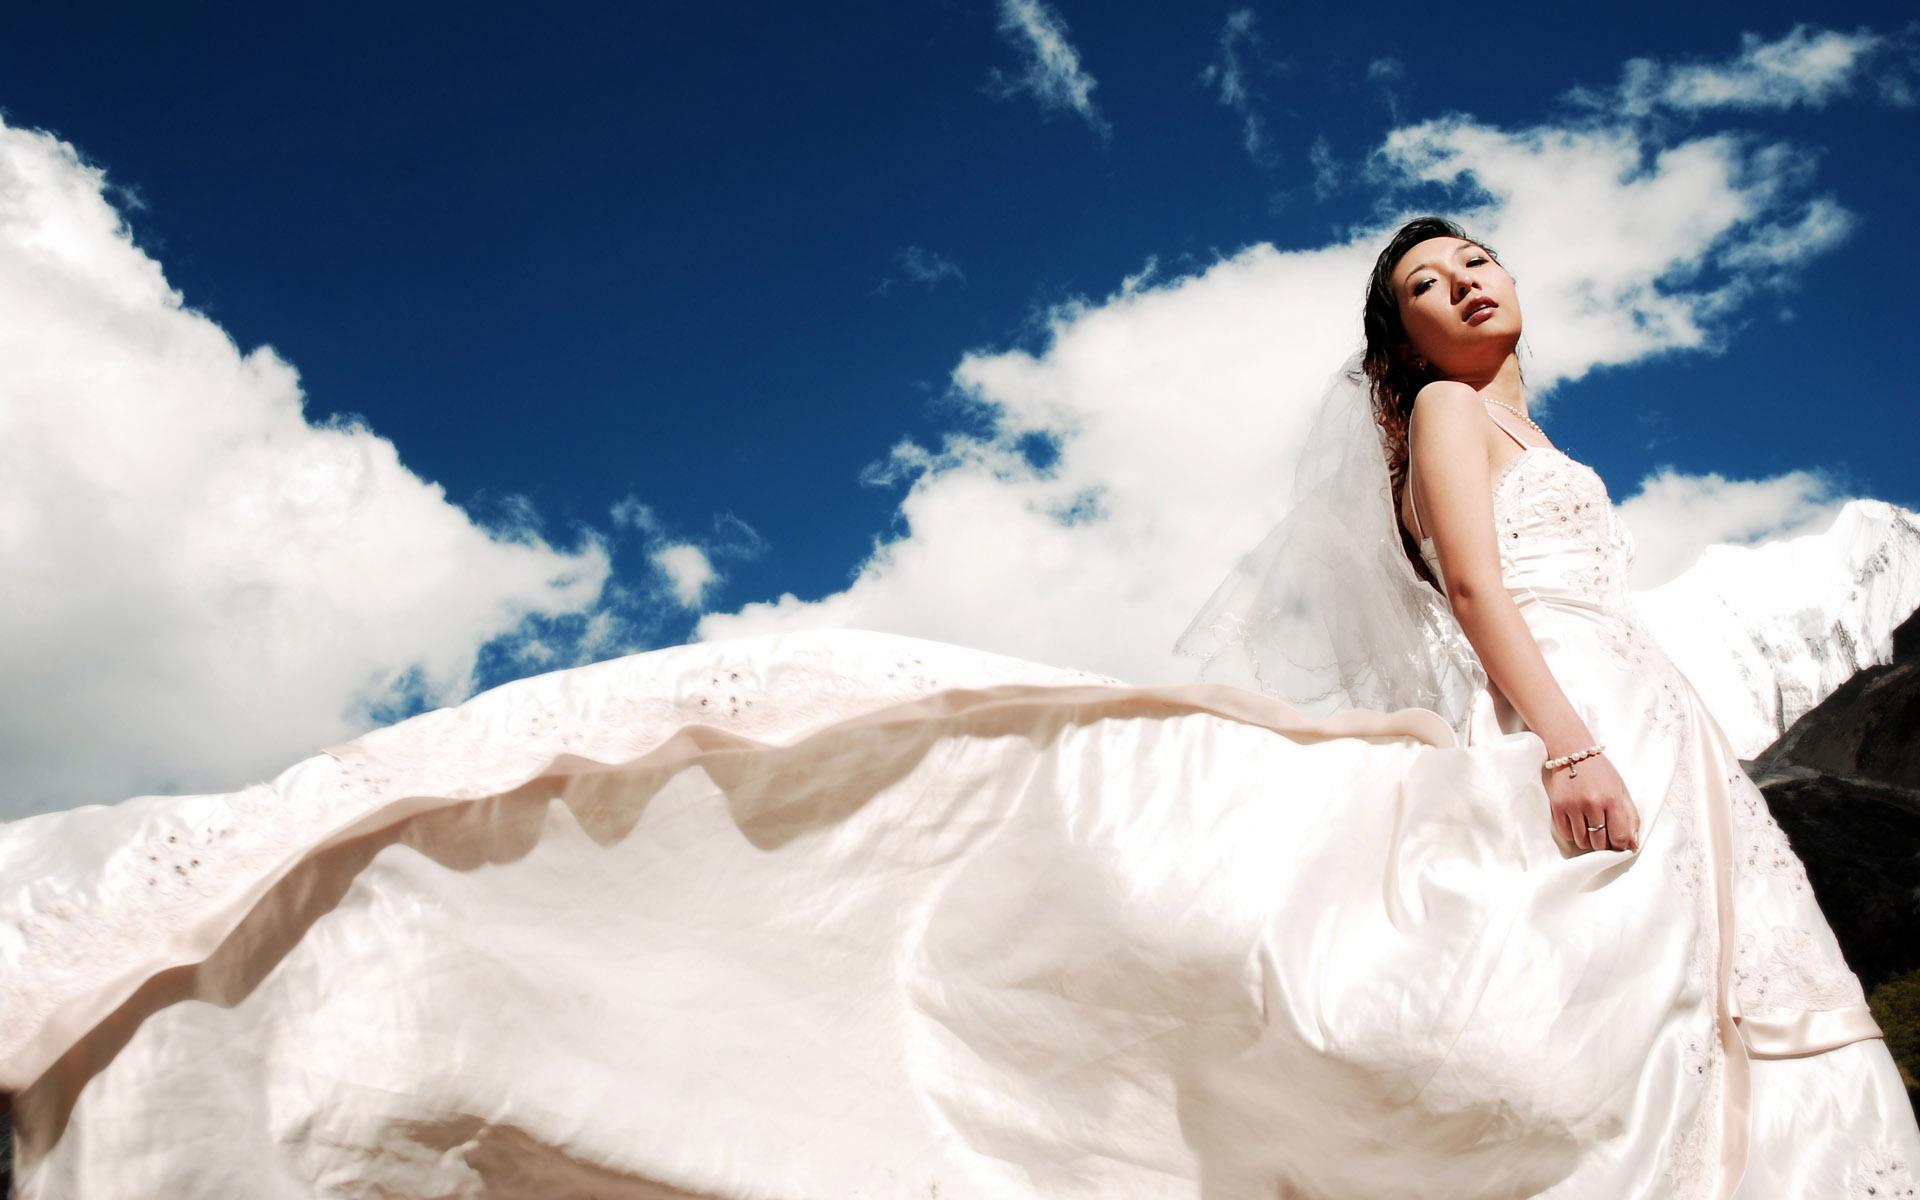 电脑壁纸欧美婚纱